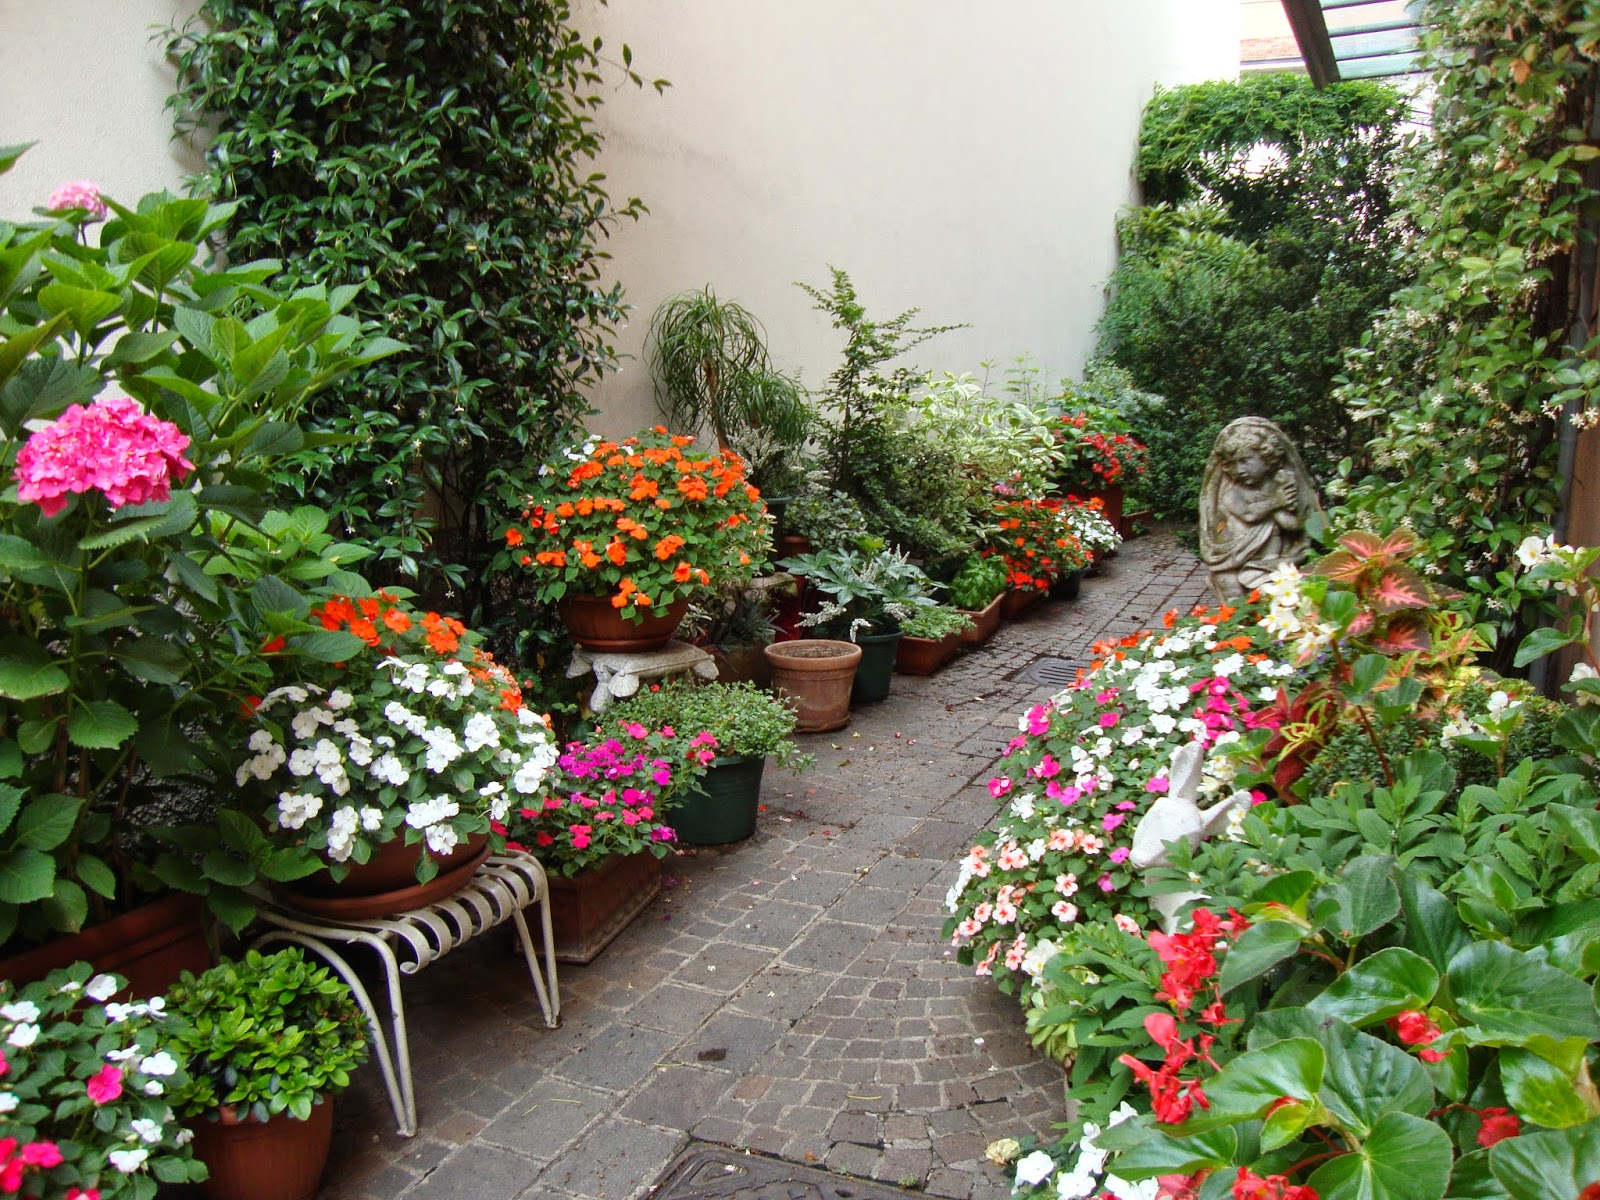 Un piccolo giardino in citt un piccolo giardino in vasi - Vasi in giardino ...